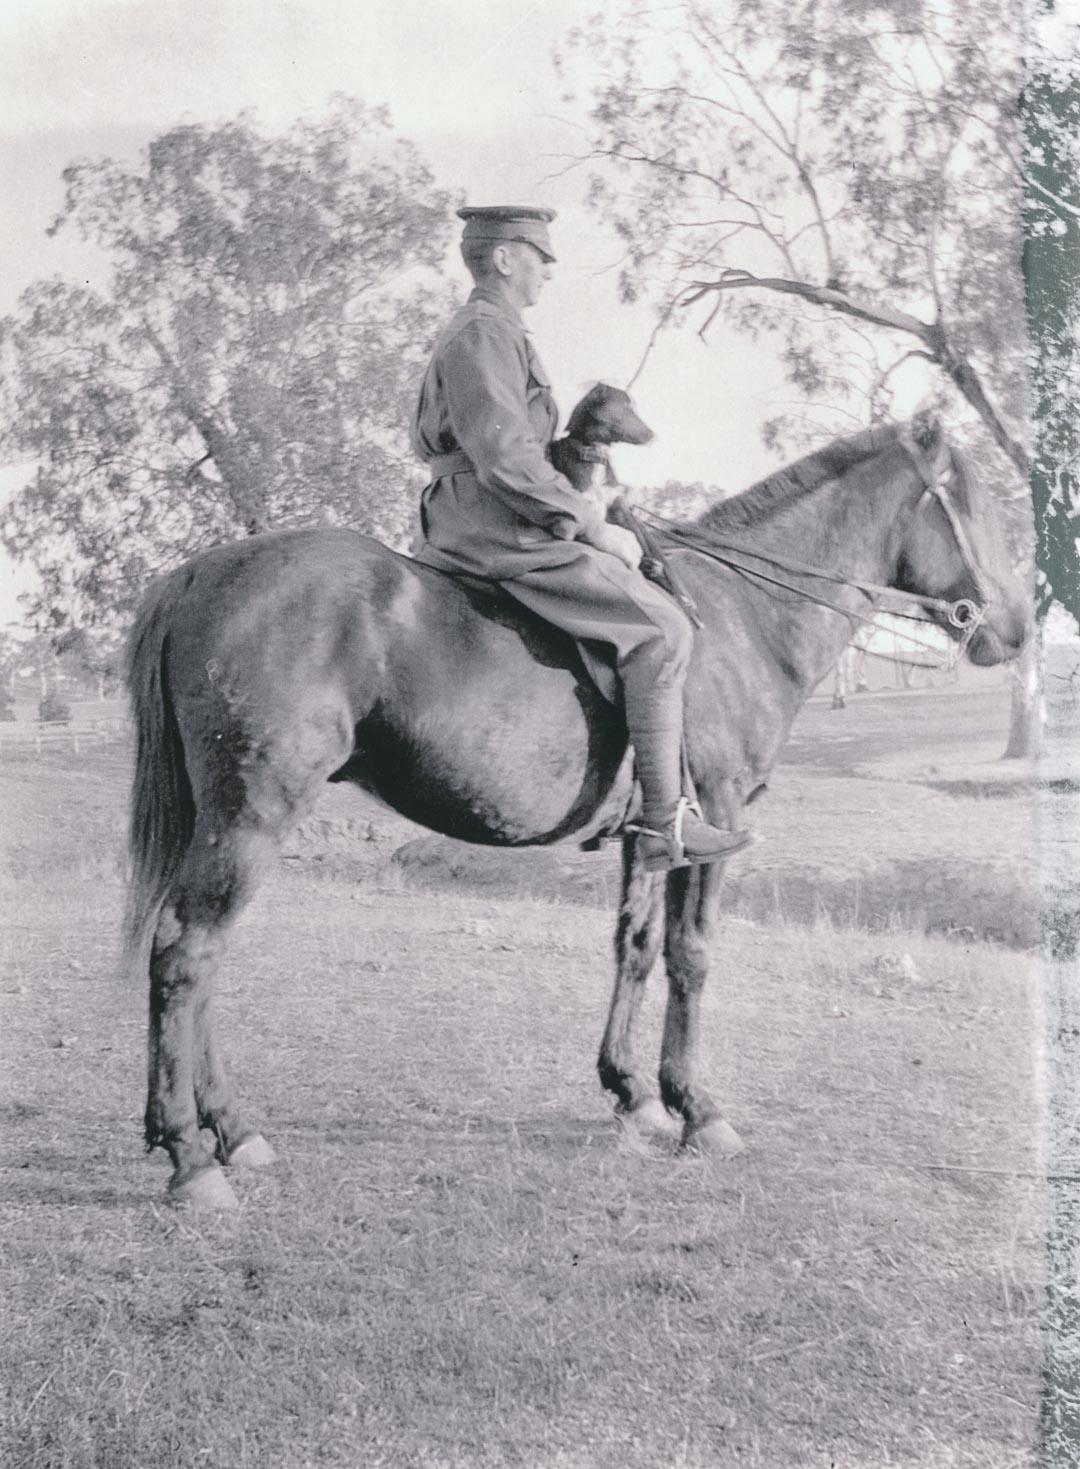 Mounted trooper, WW1